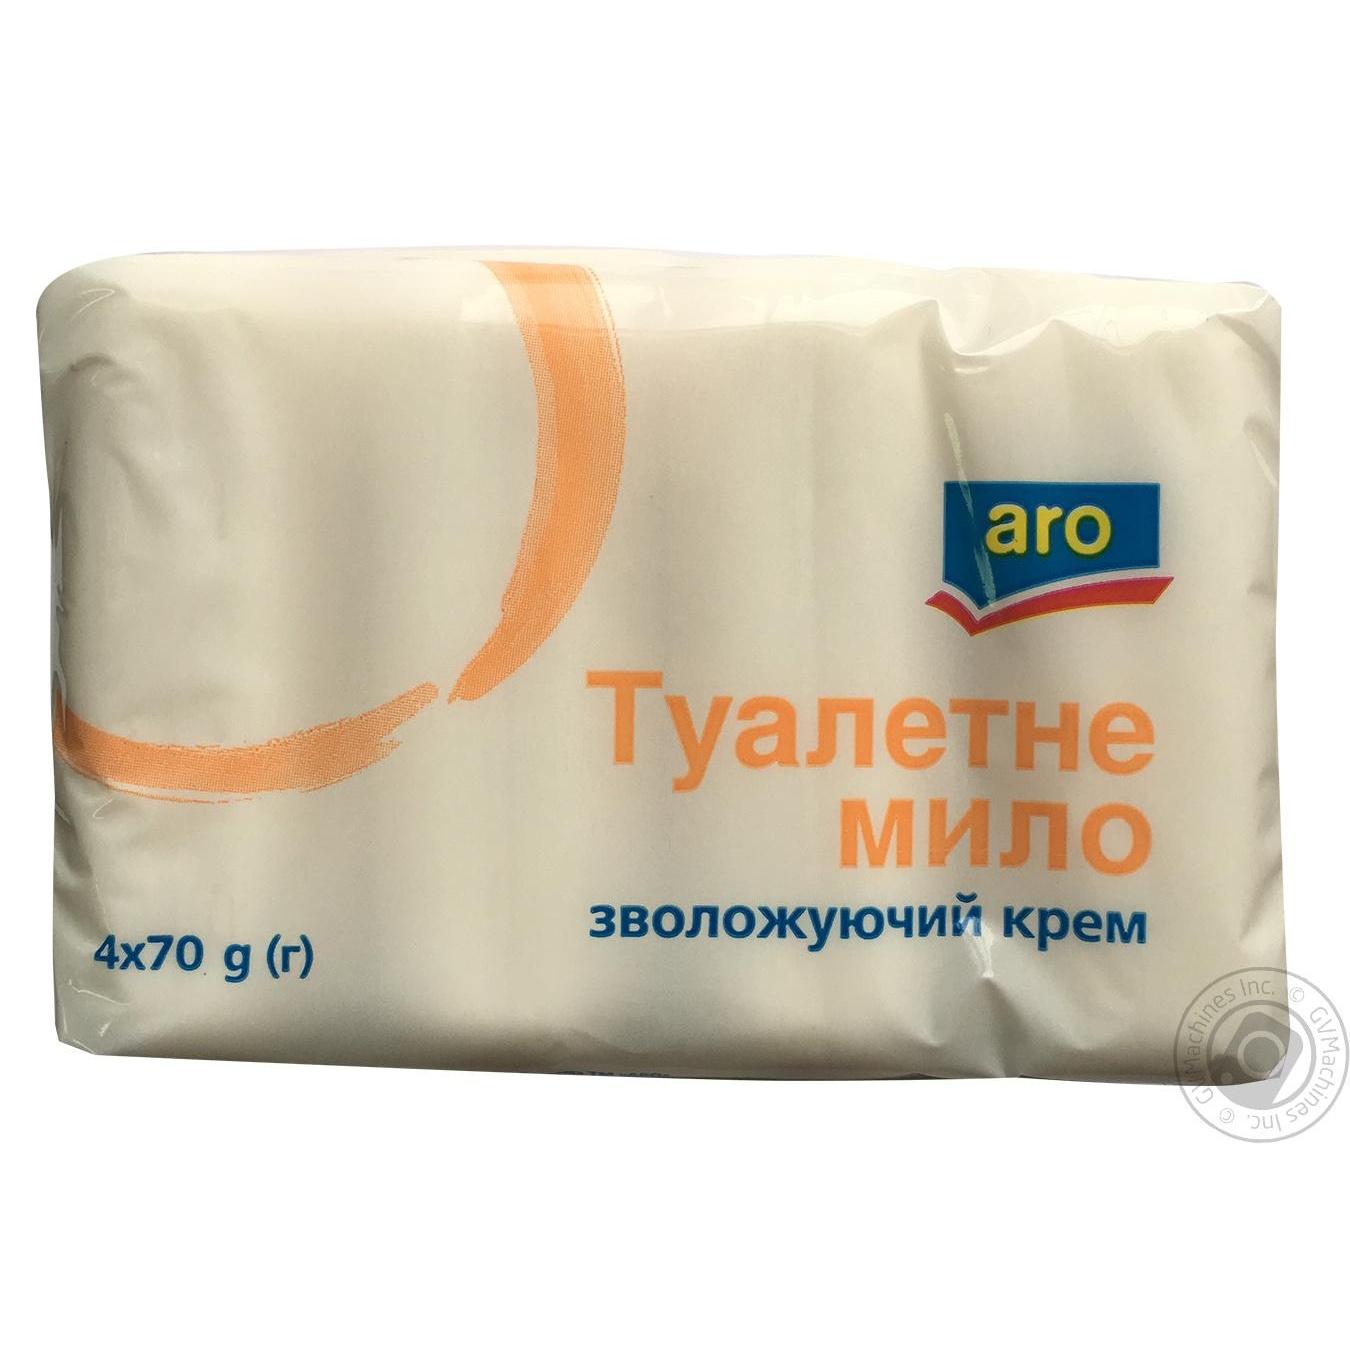 Купить Мыло Aro Увлажняющий крем 4*70г